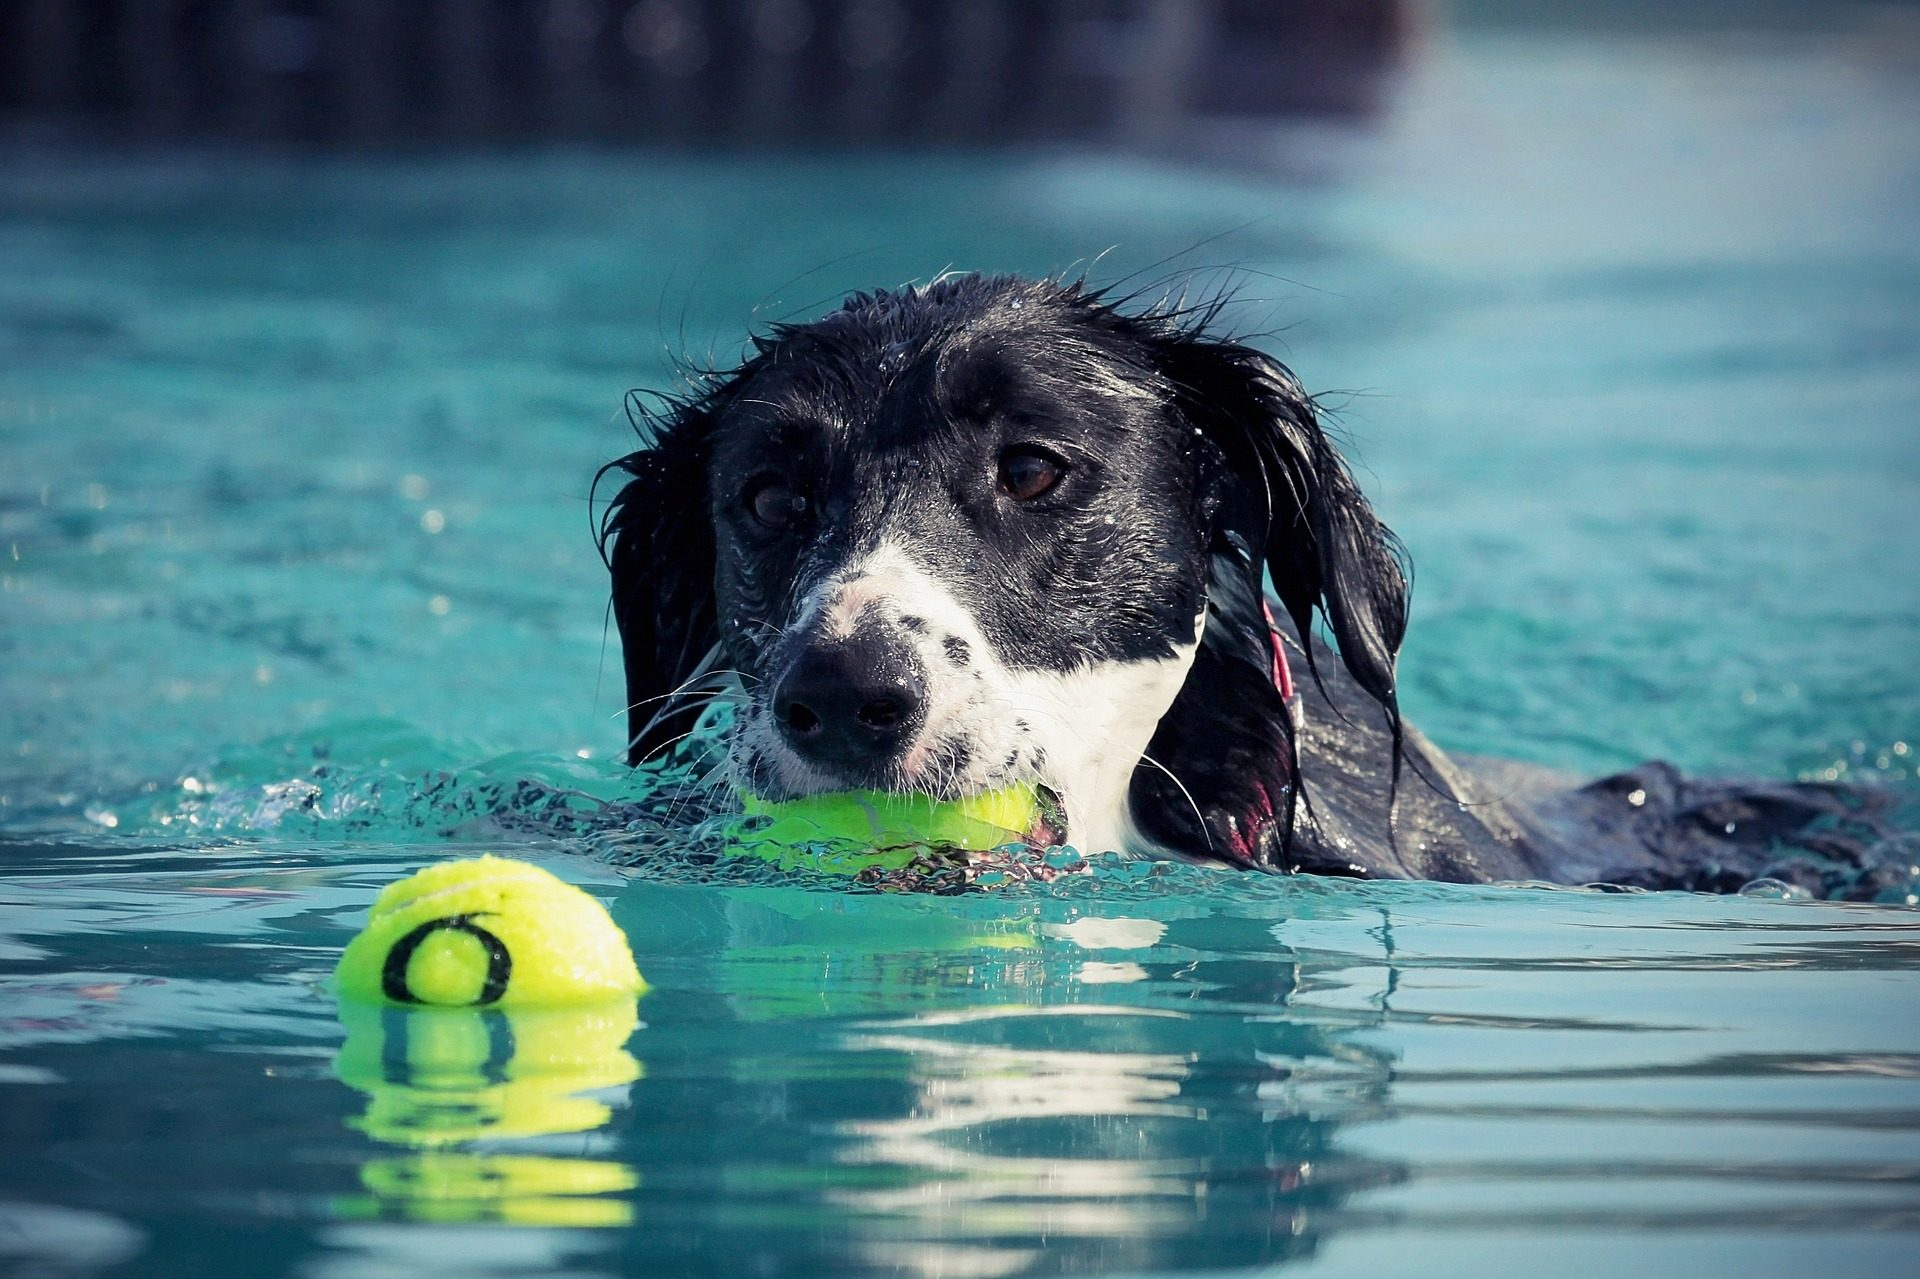 cane, palle, acqua, formazione, nuotare - Sfondi HD - Professor-falken.com